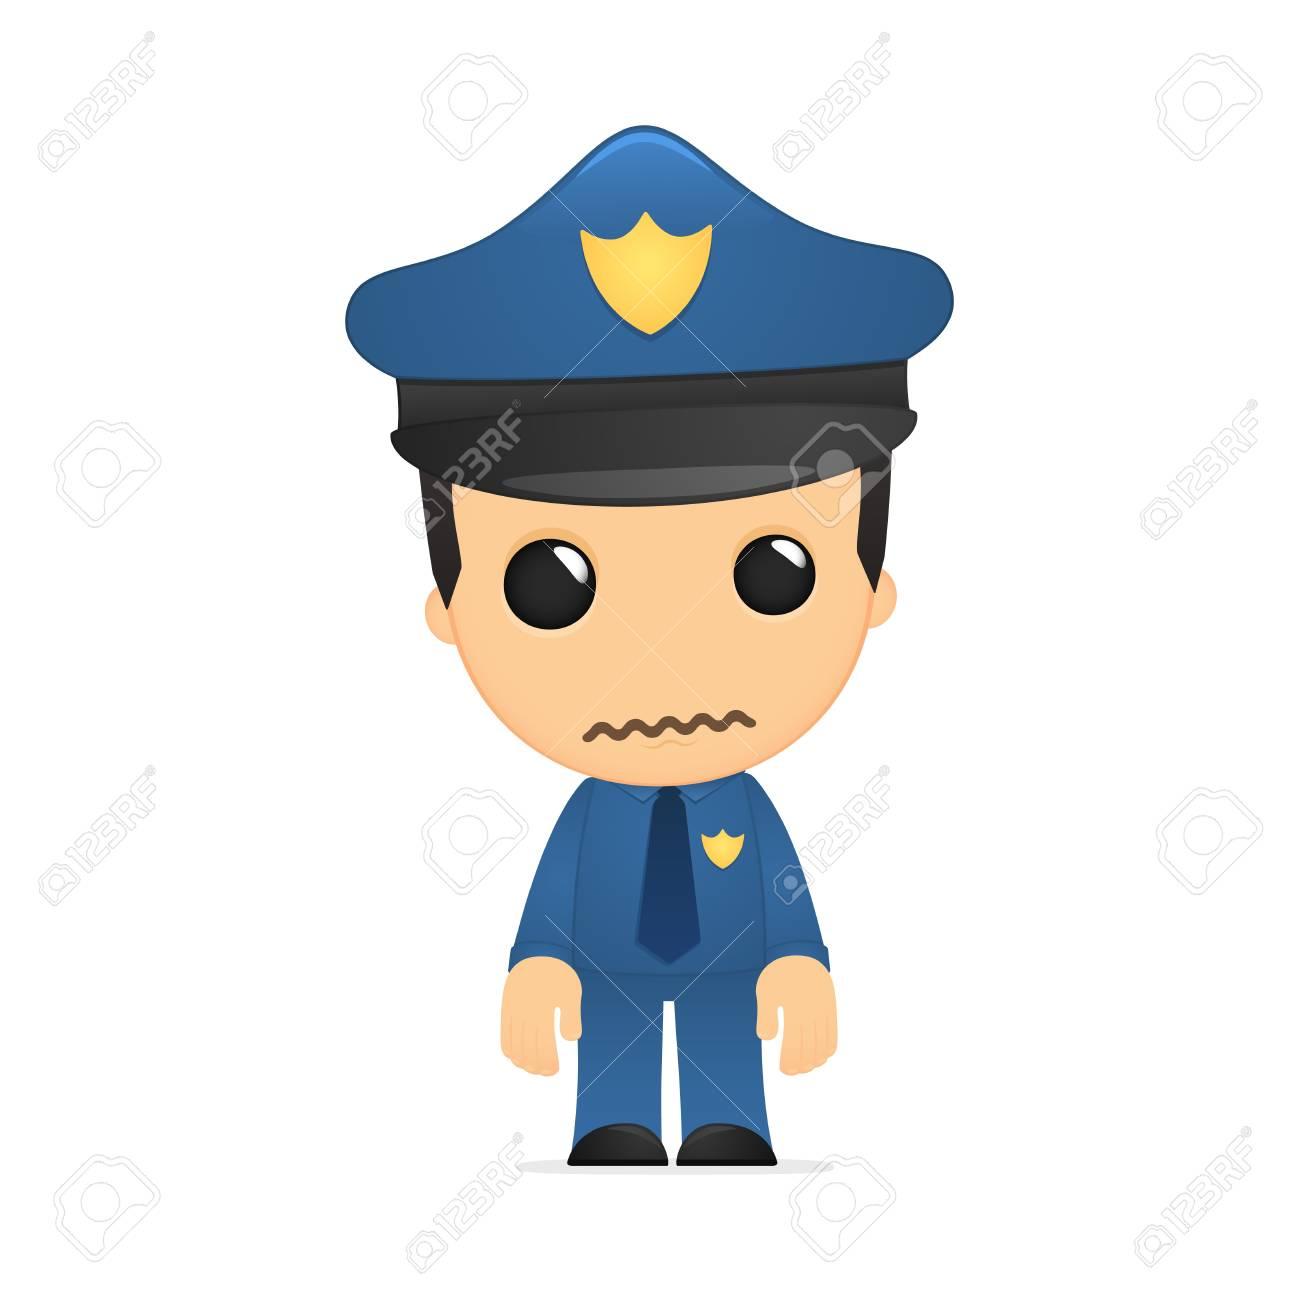 funny cartoon policeman Stock Vector - 13889759